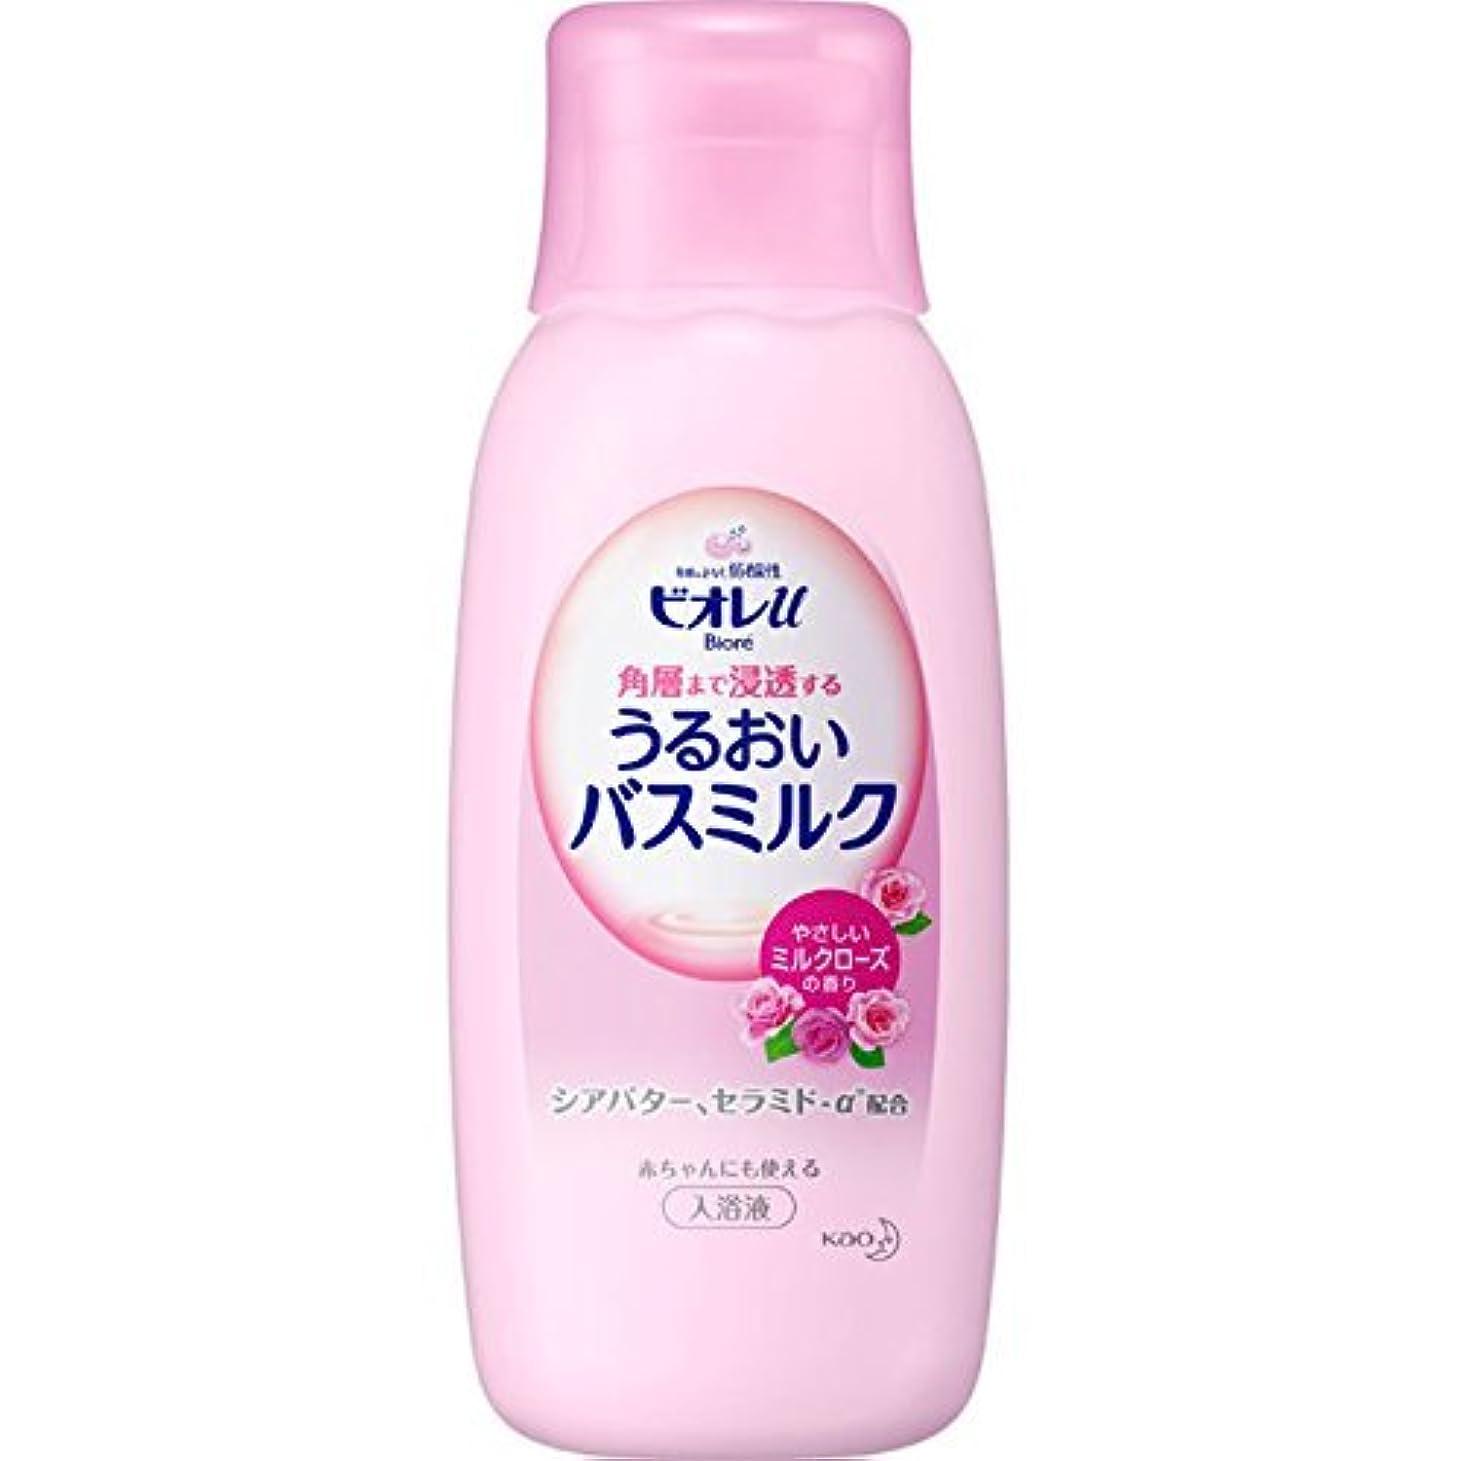 興奮するポルノペストリー【花王】ビオレU 家族みんなのすべすべバスミルク ミルクローズの香り <本体> 600ml ×20個セット